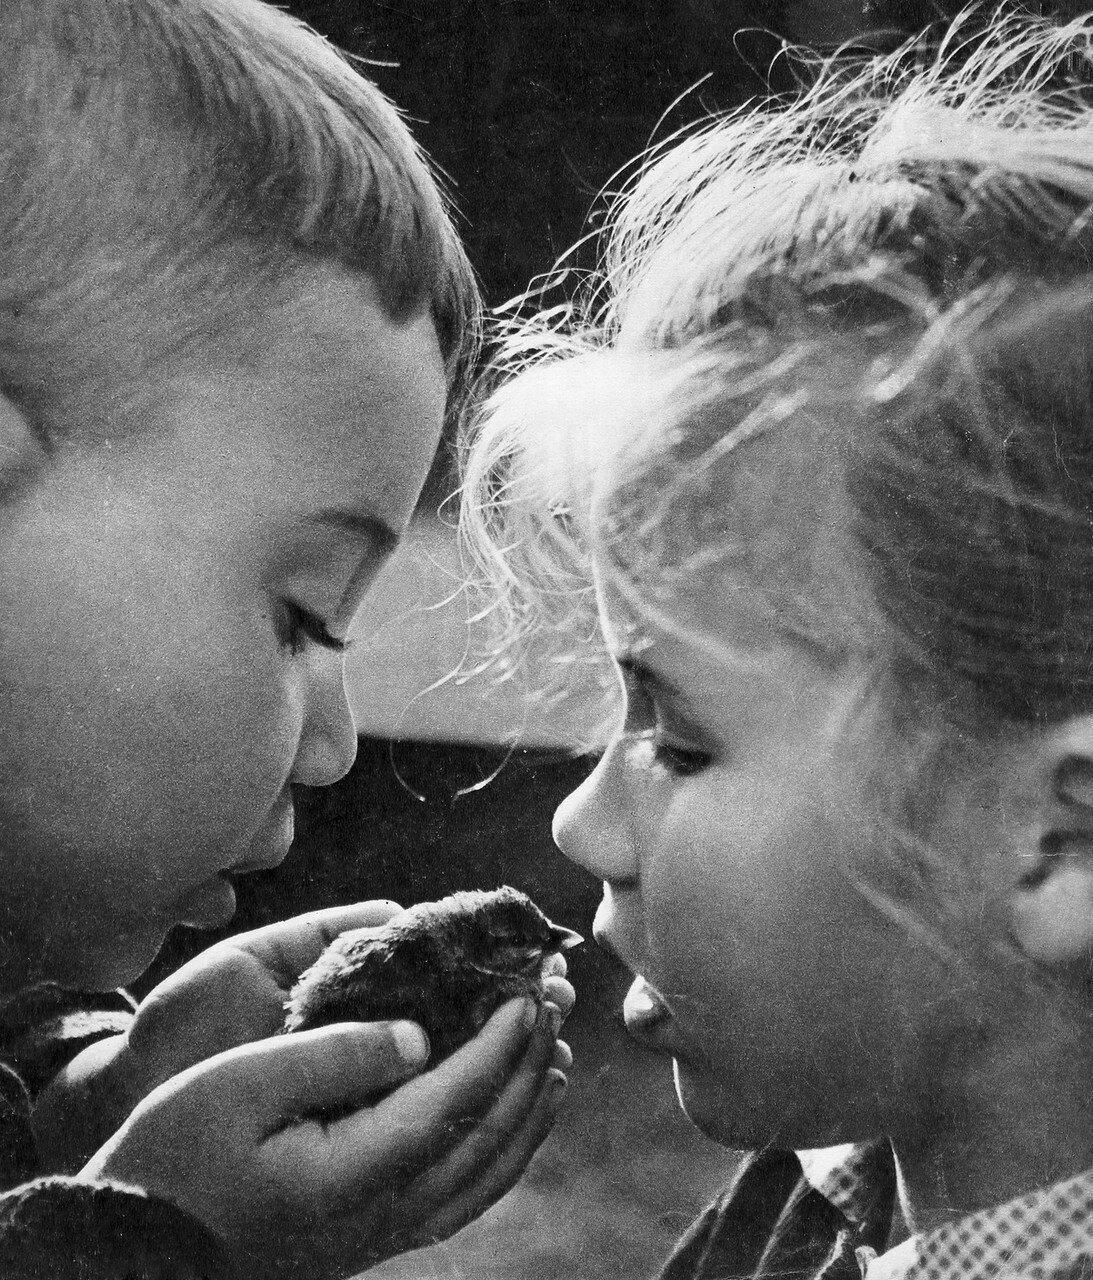 Нашли птенчика. Фотограф Юрий Приведенцев, 1964